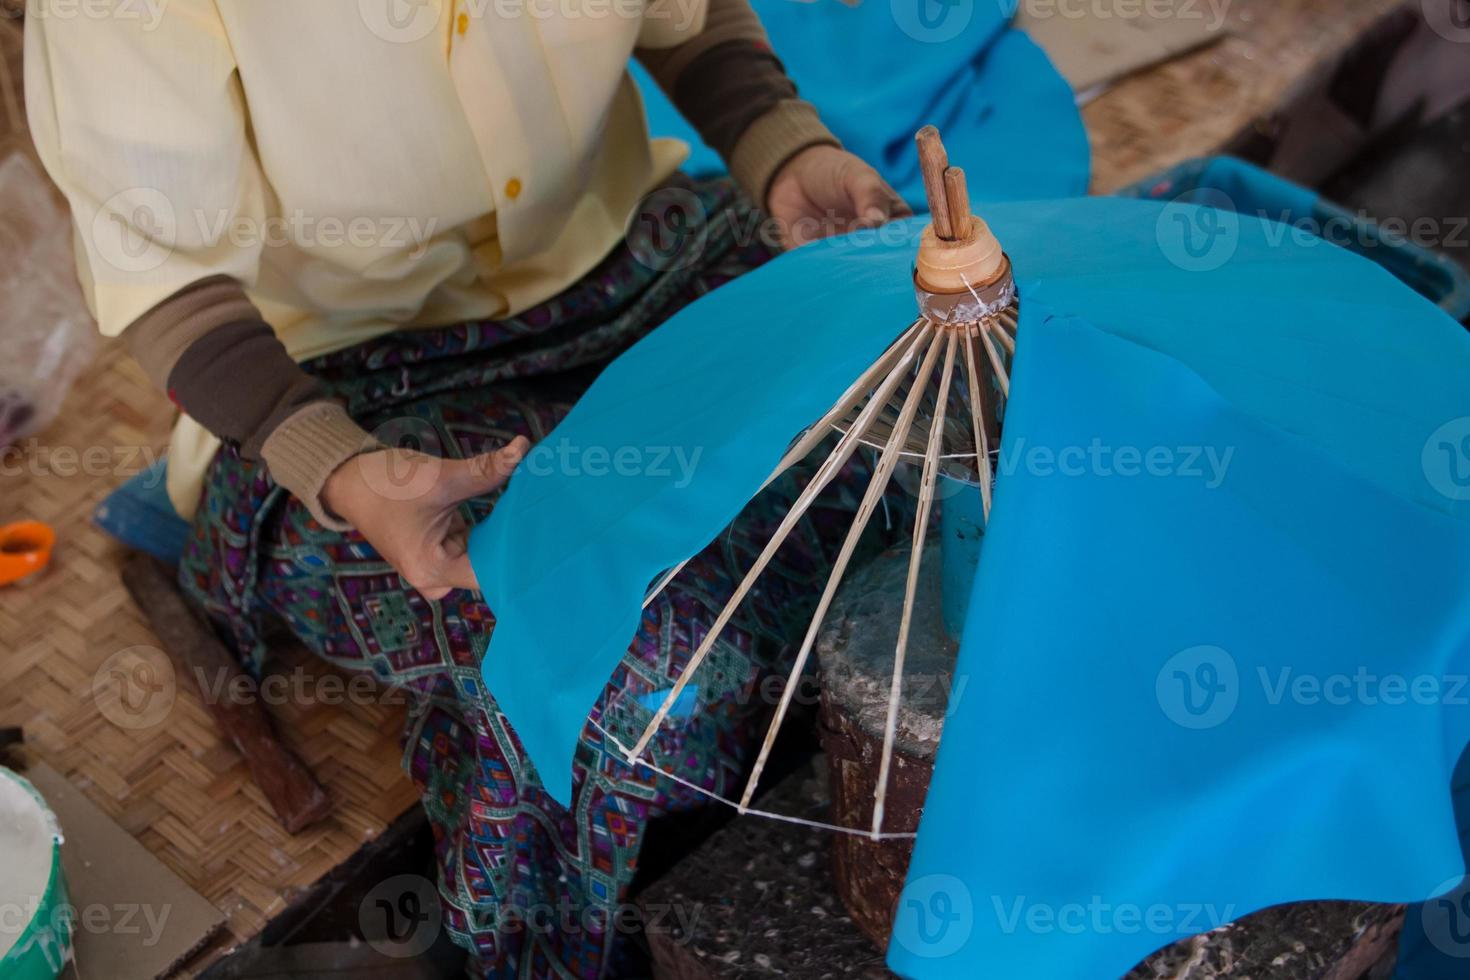 hoe het proces paraplu / kunstnijverheid te maken foto